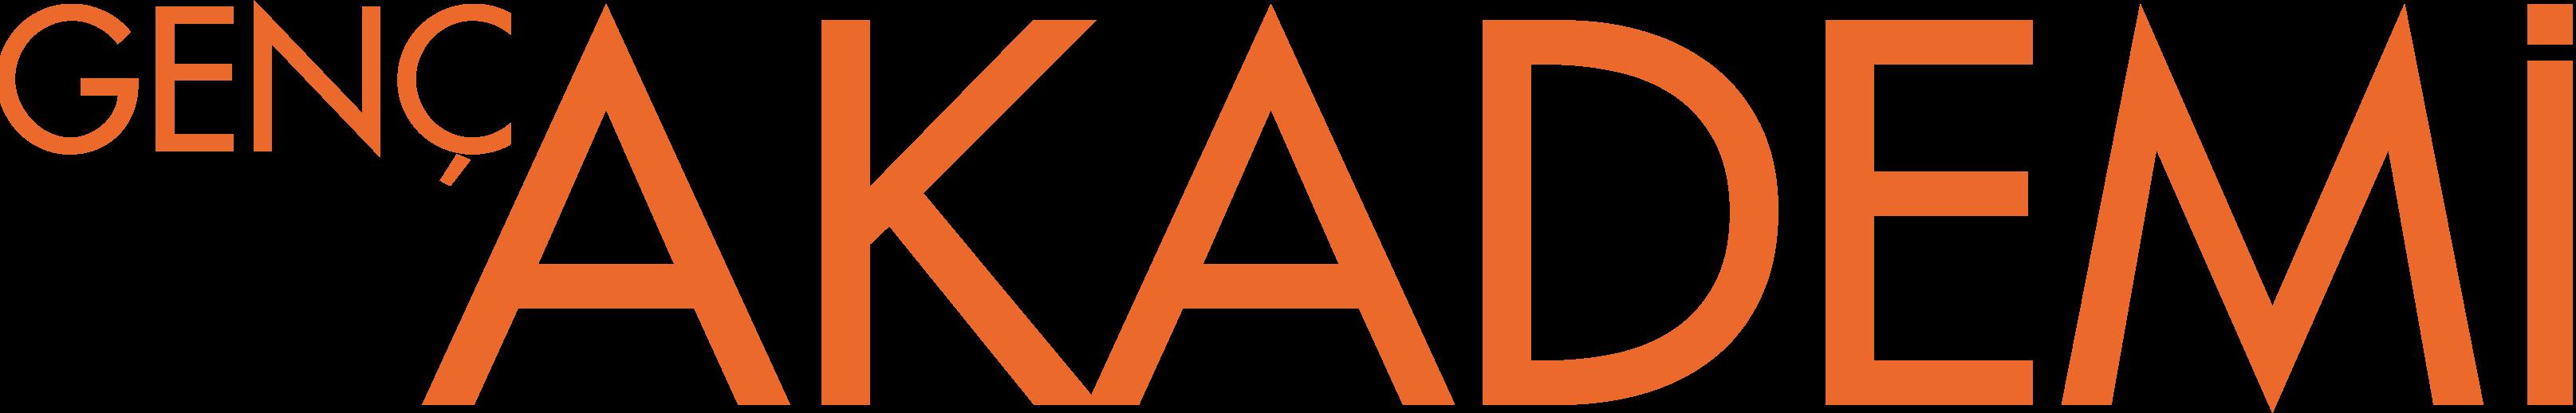 Genç AKADEMİ (sadece) Logo